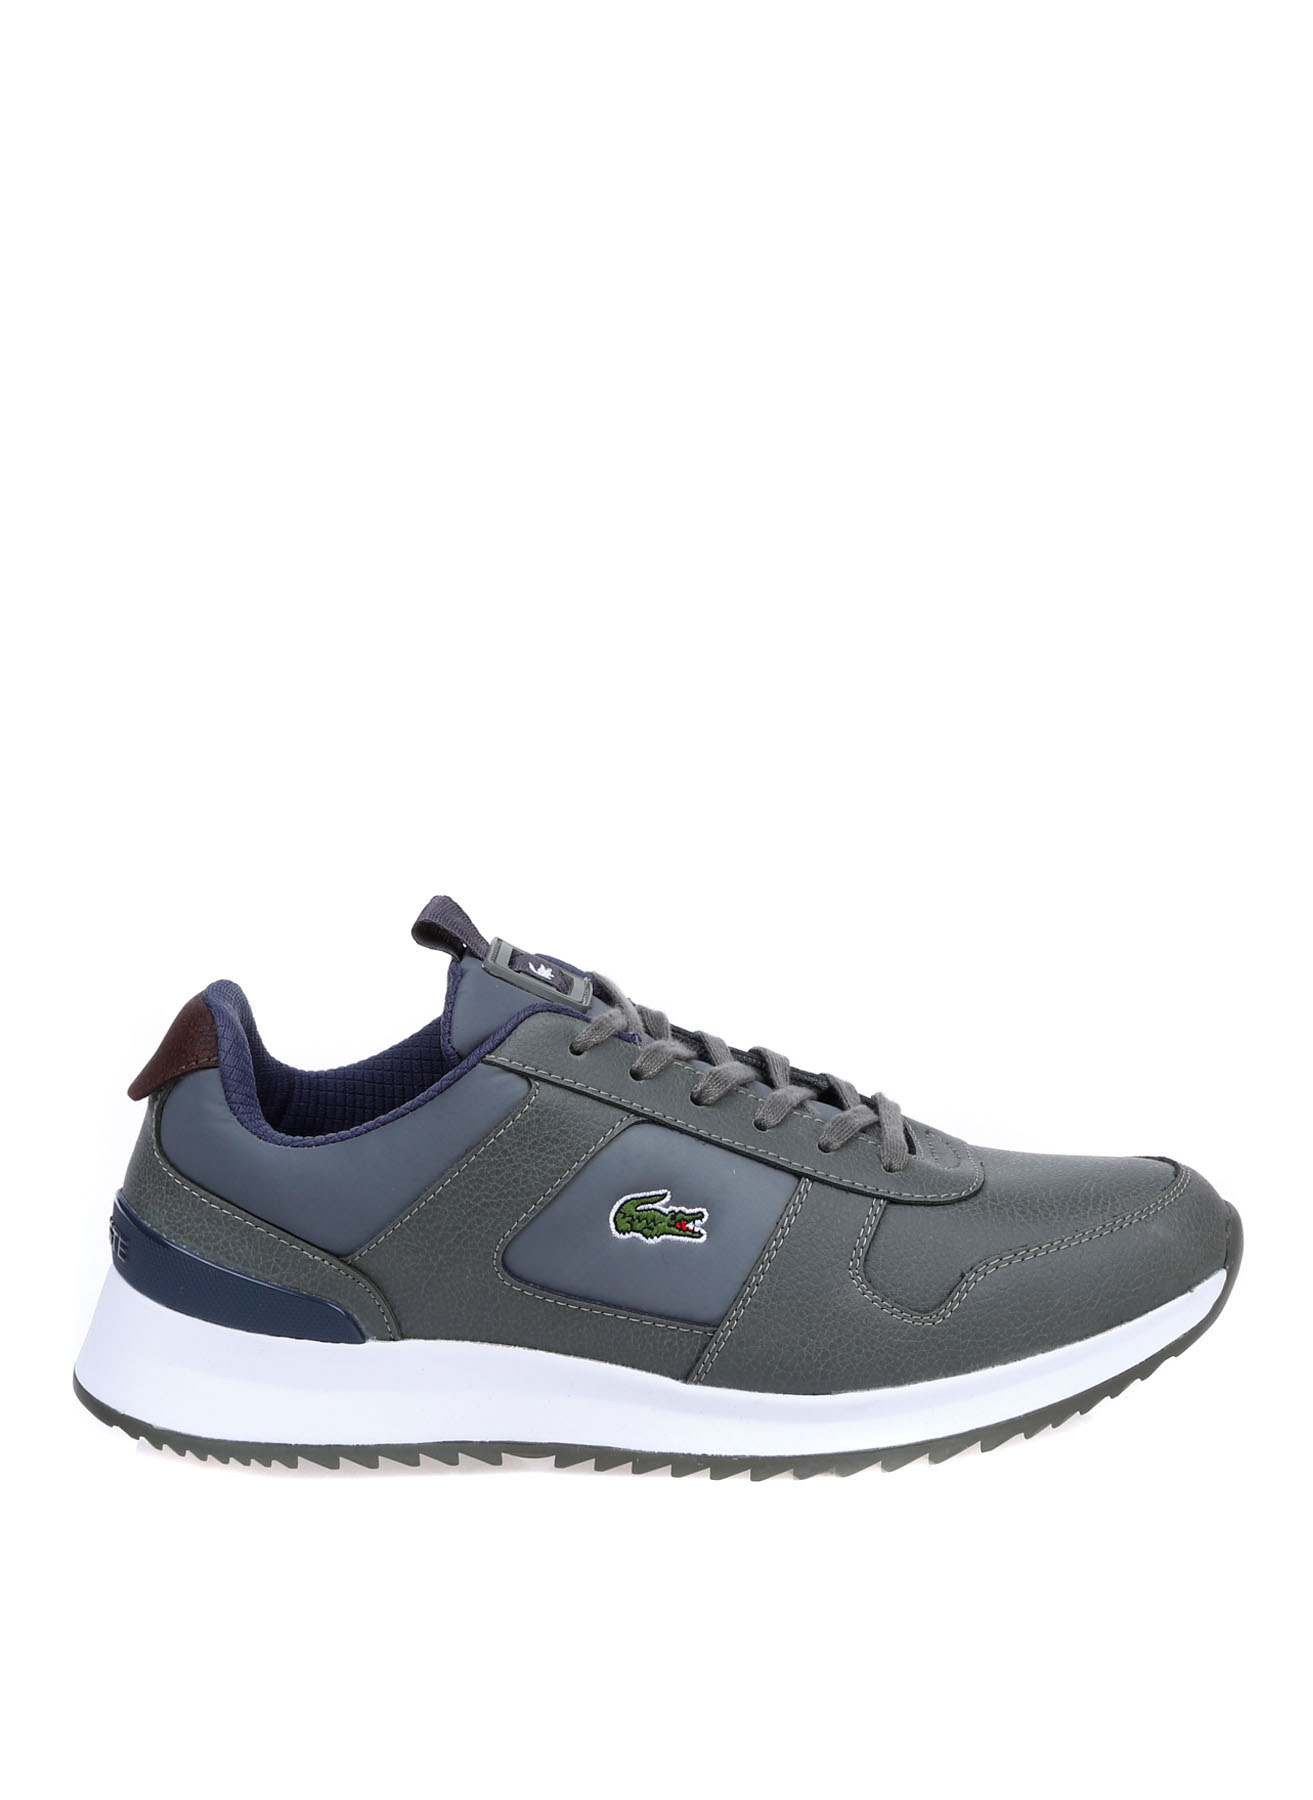 Lacoste Erkek Lacivert Gri Lifestyle Ayakkabı 40 5002314256002 Ürün Resmi